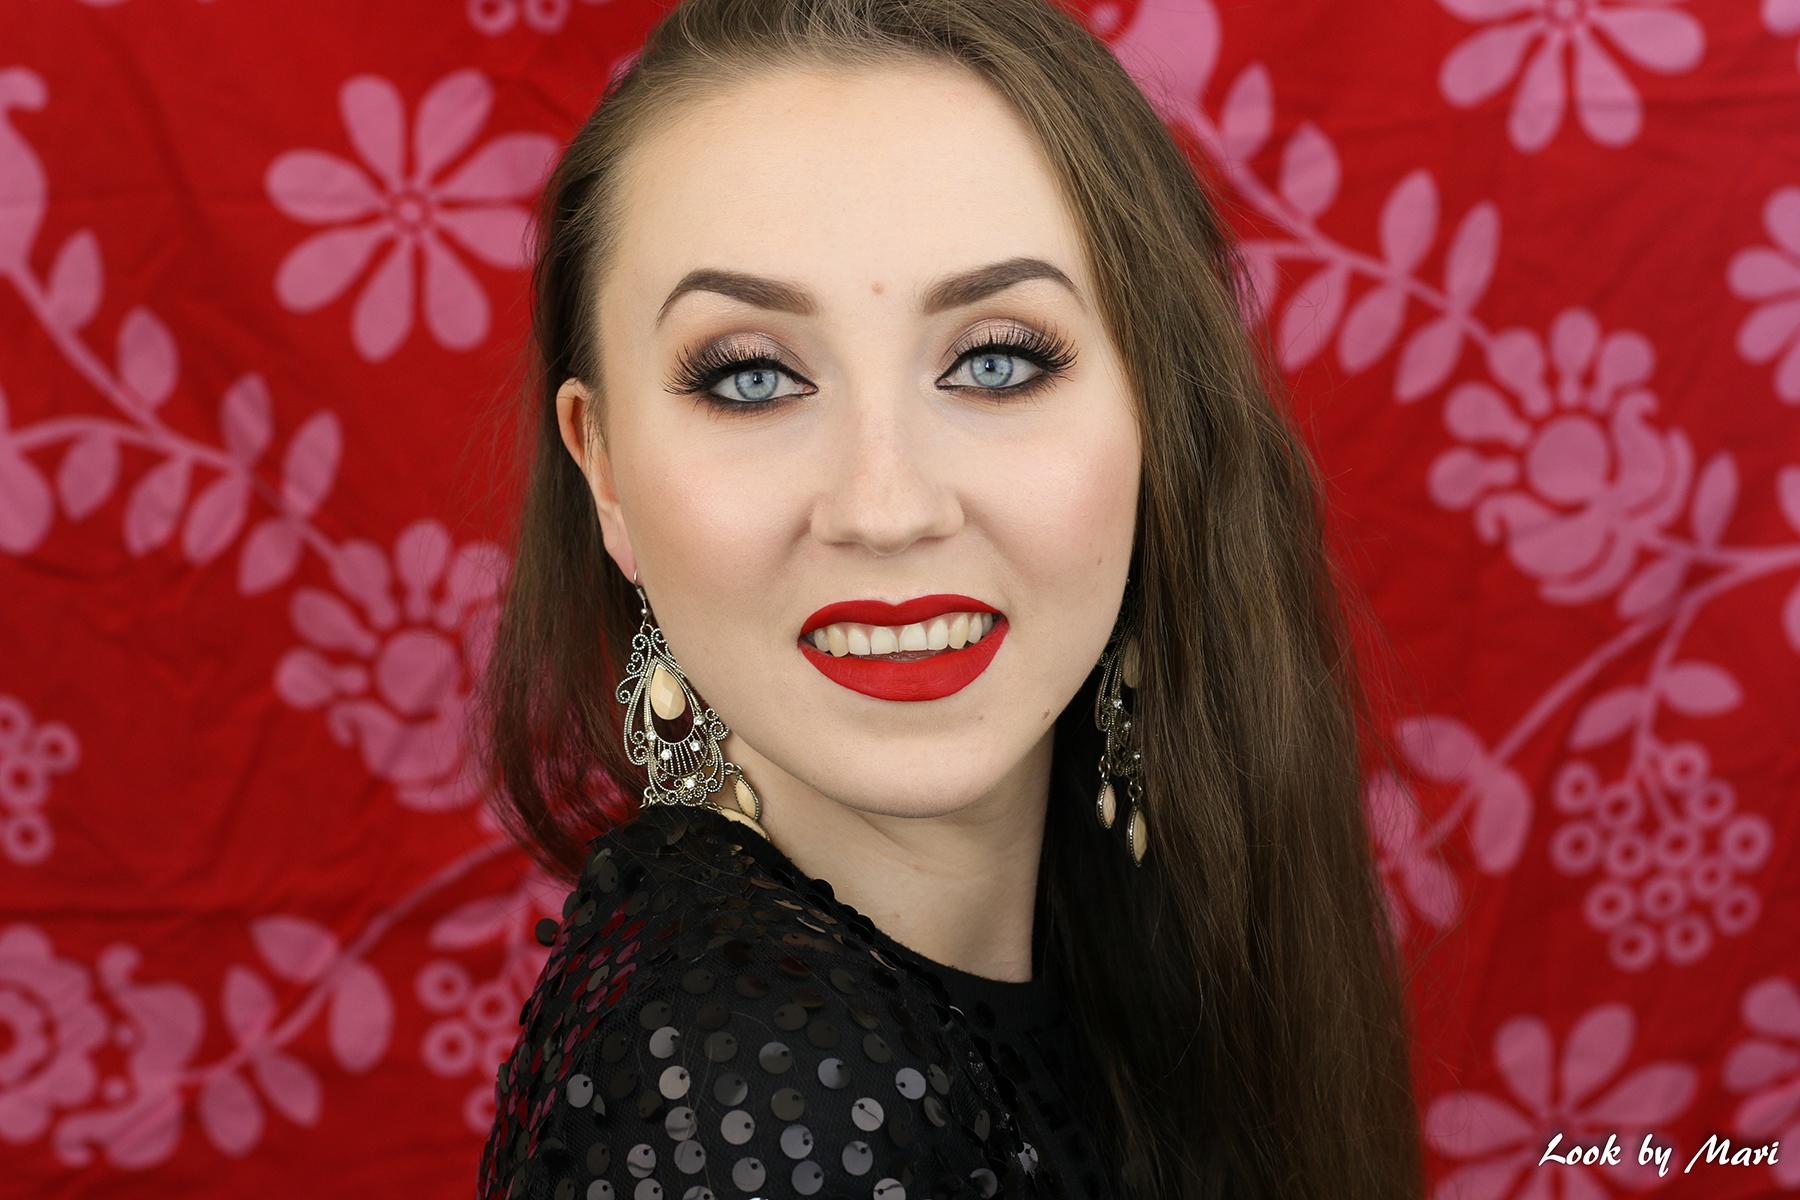 8 klassinen meikki punaiset silmät sumusilmät smoky eyes tutoriaali blogi meikki